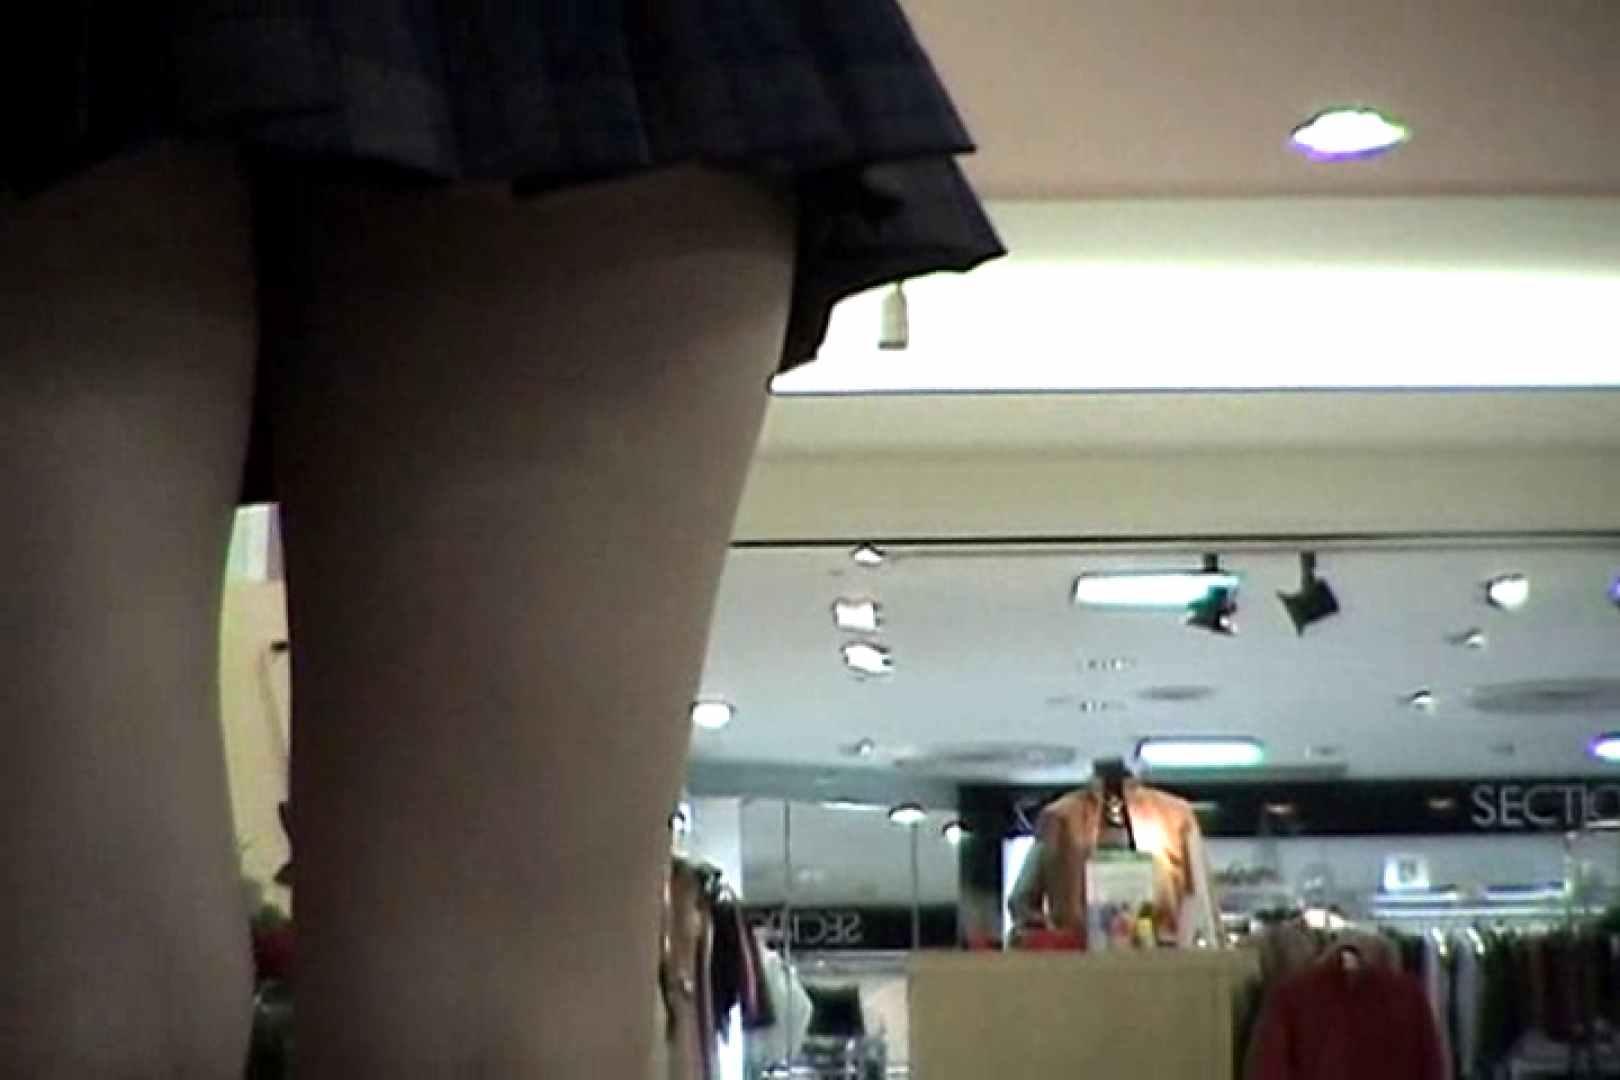 がぶりより!!ムレヌレパンツVol.5 ミニスカート ヌード画像 86pic 34